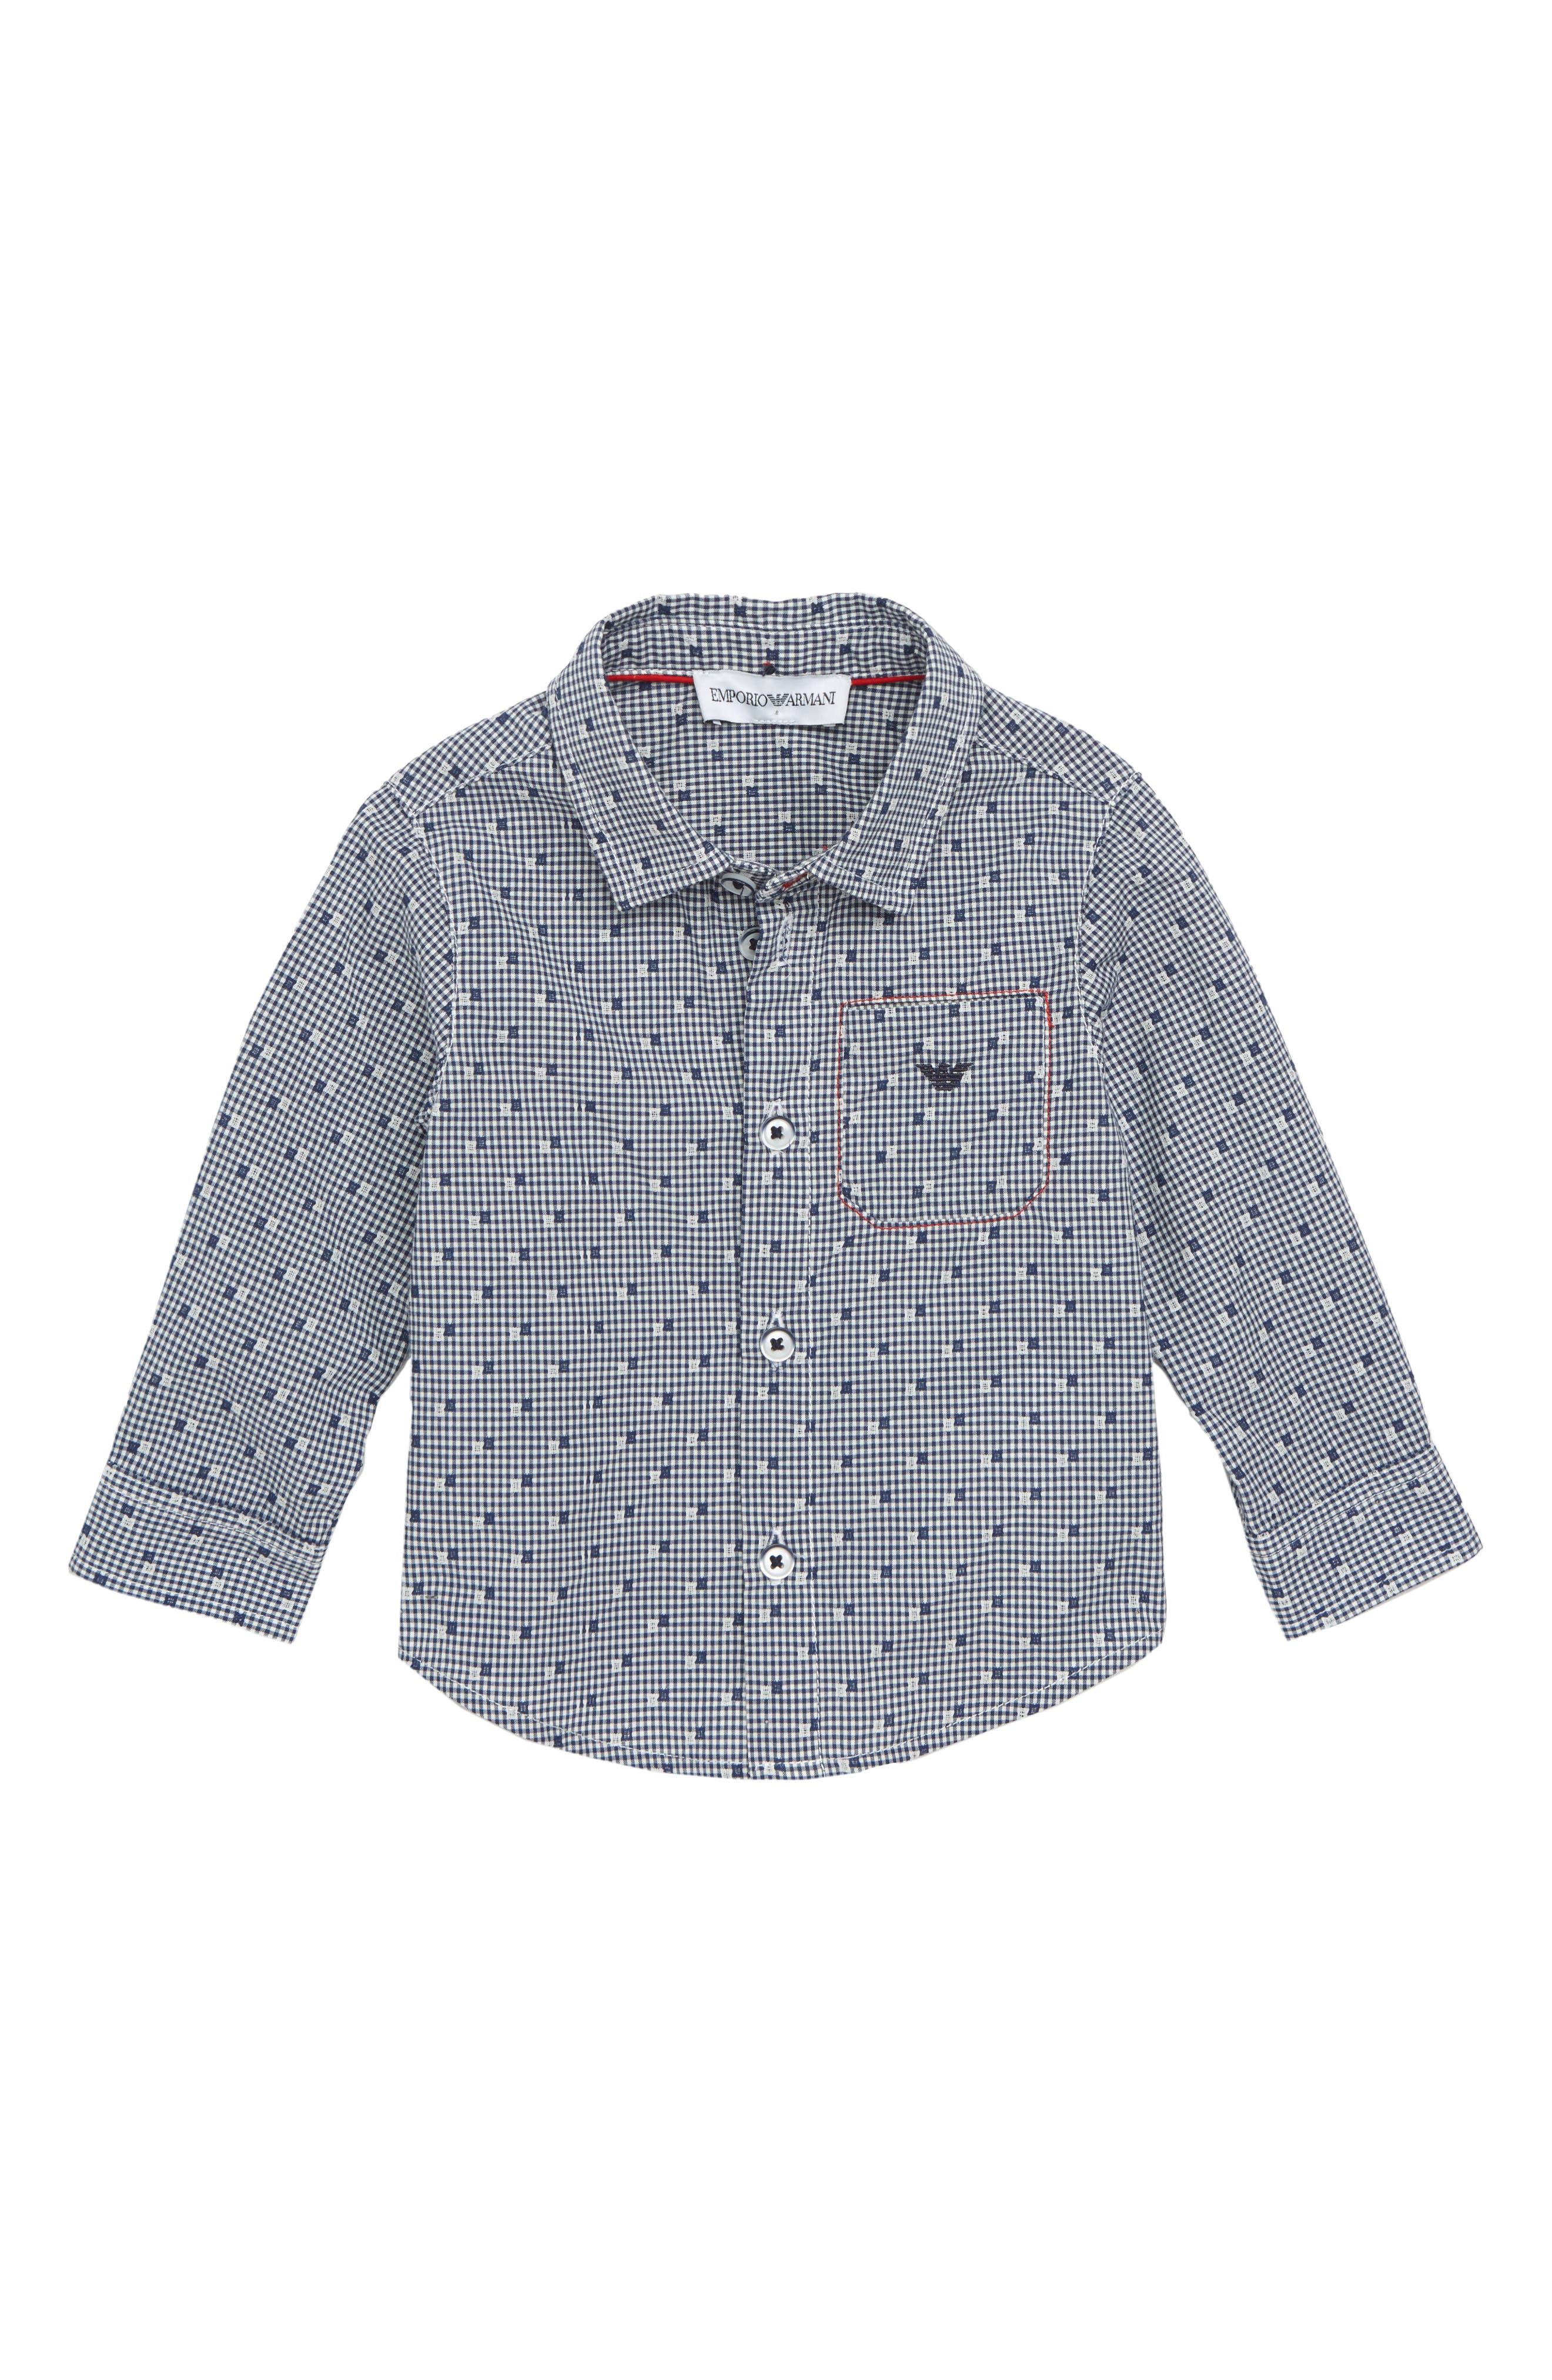 ARMANI JUNIOR,                             Micro Dot Shirt,                             Main thumbnail 1, color,                             401